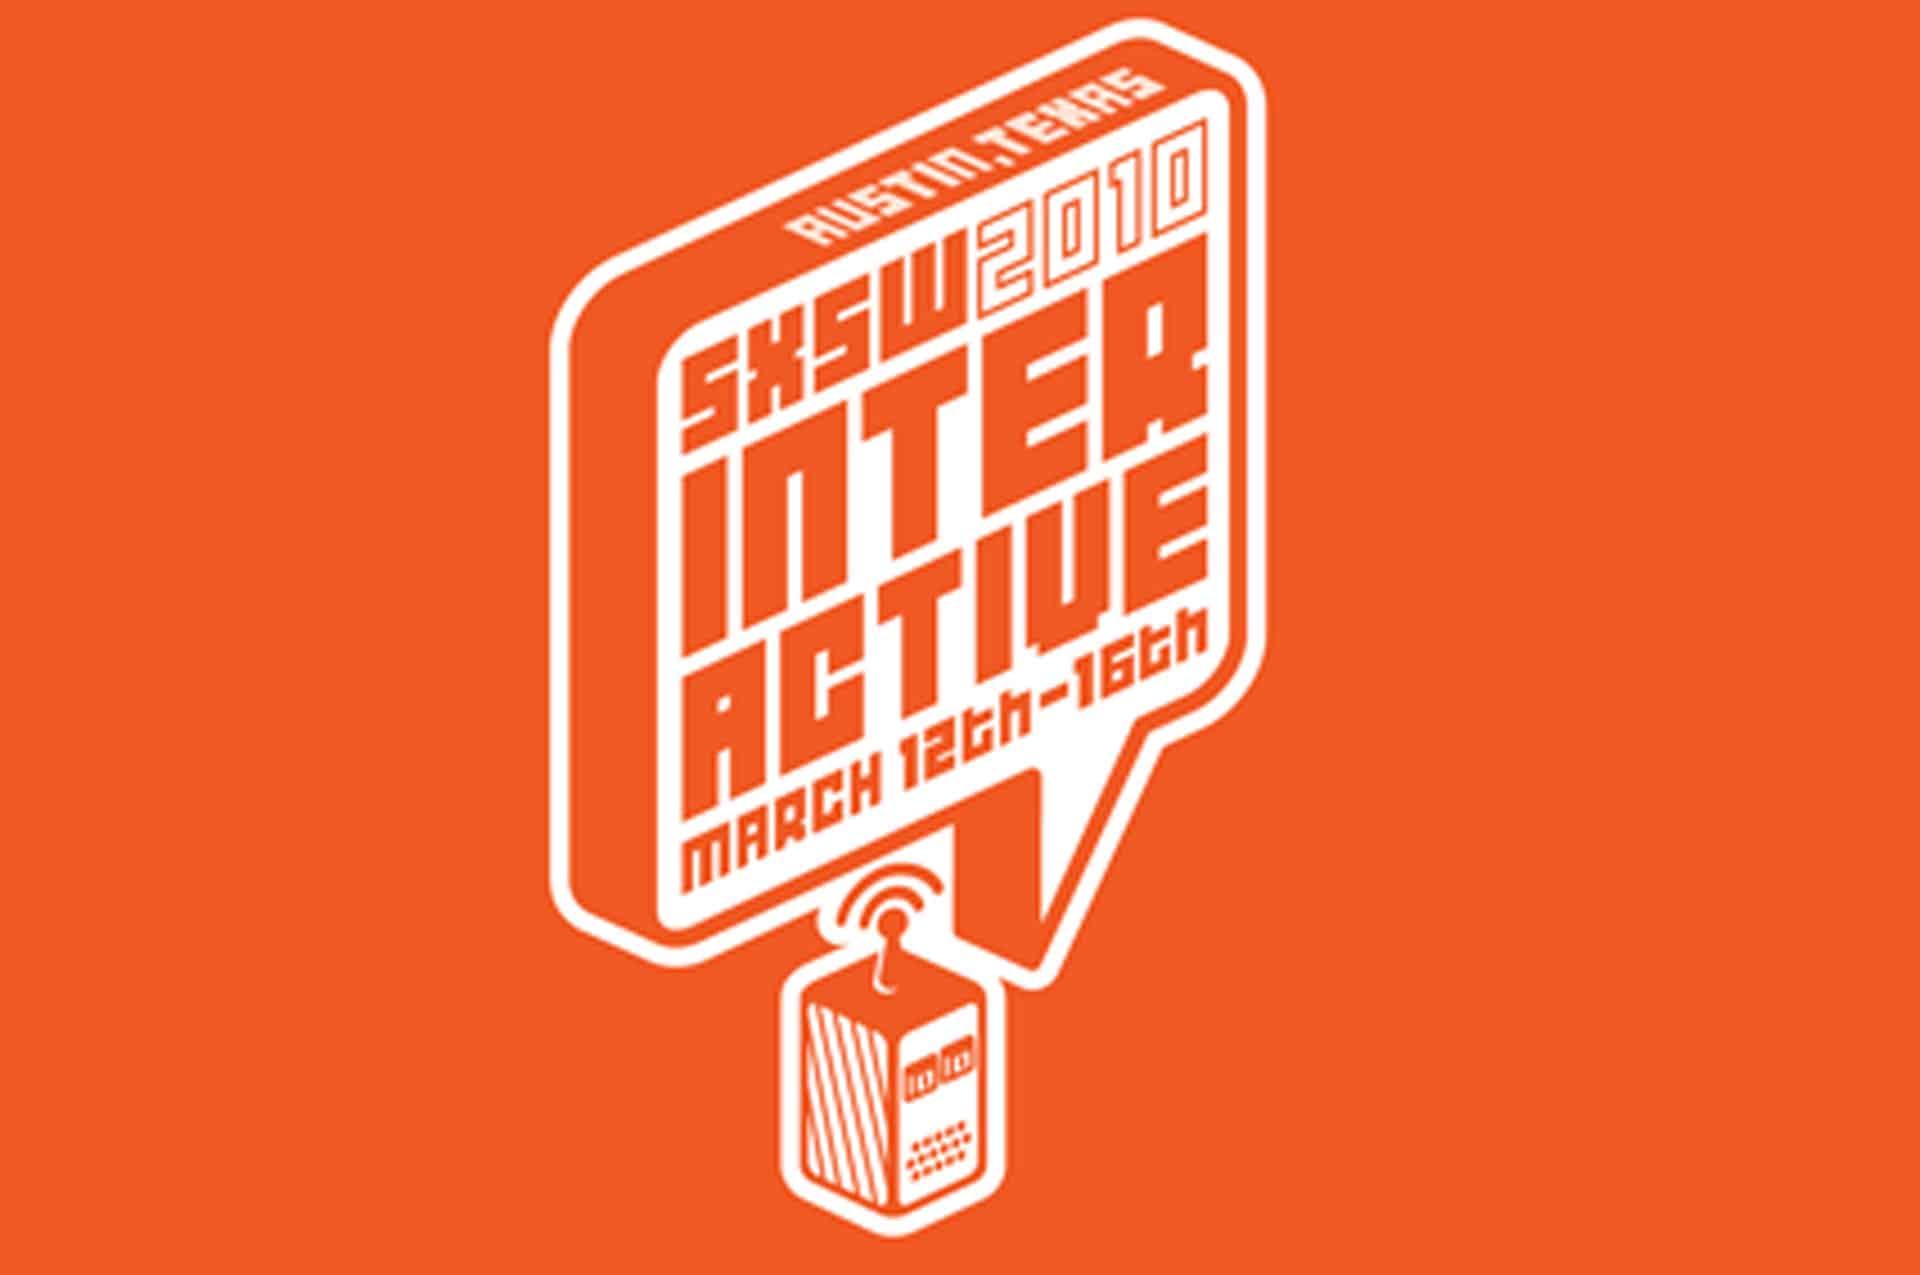 SXSW Interactive 2010